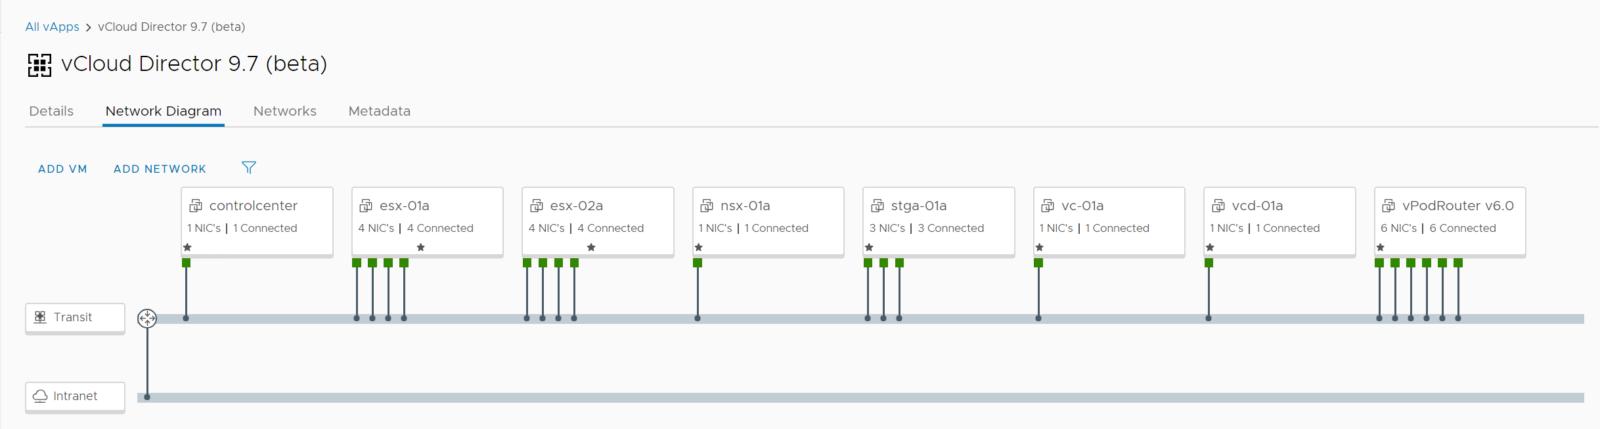 vApp Network Diagram mit allen beteiligten VMs, NICs und Netzwerken